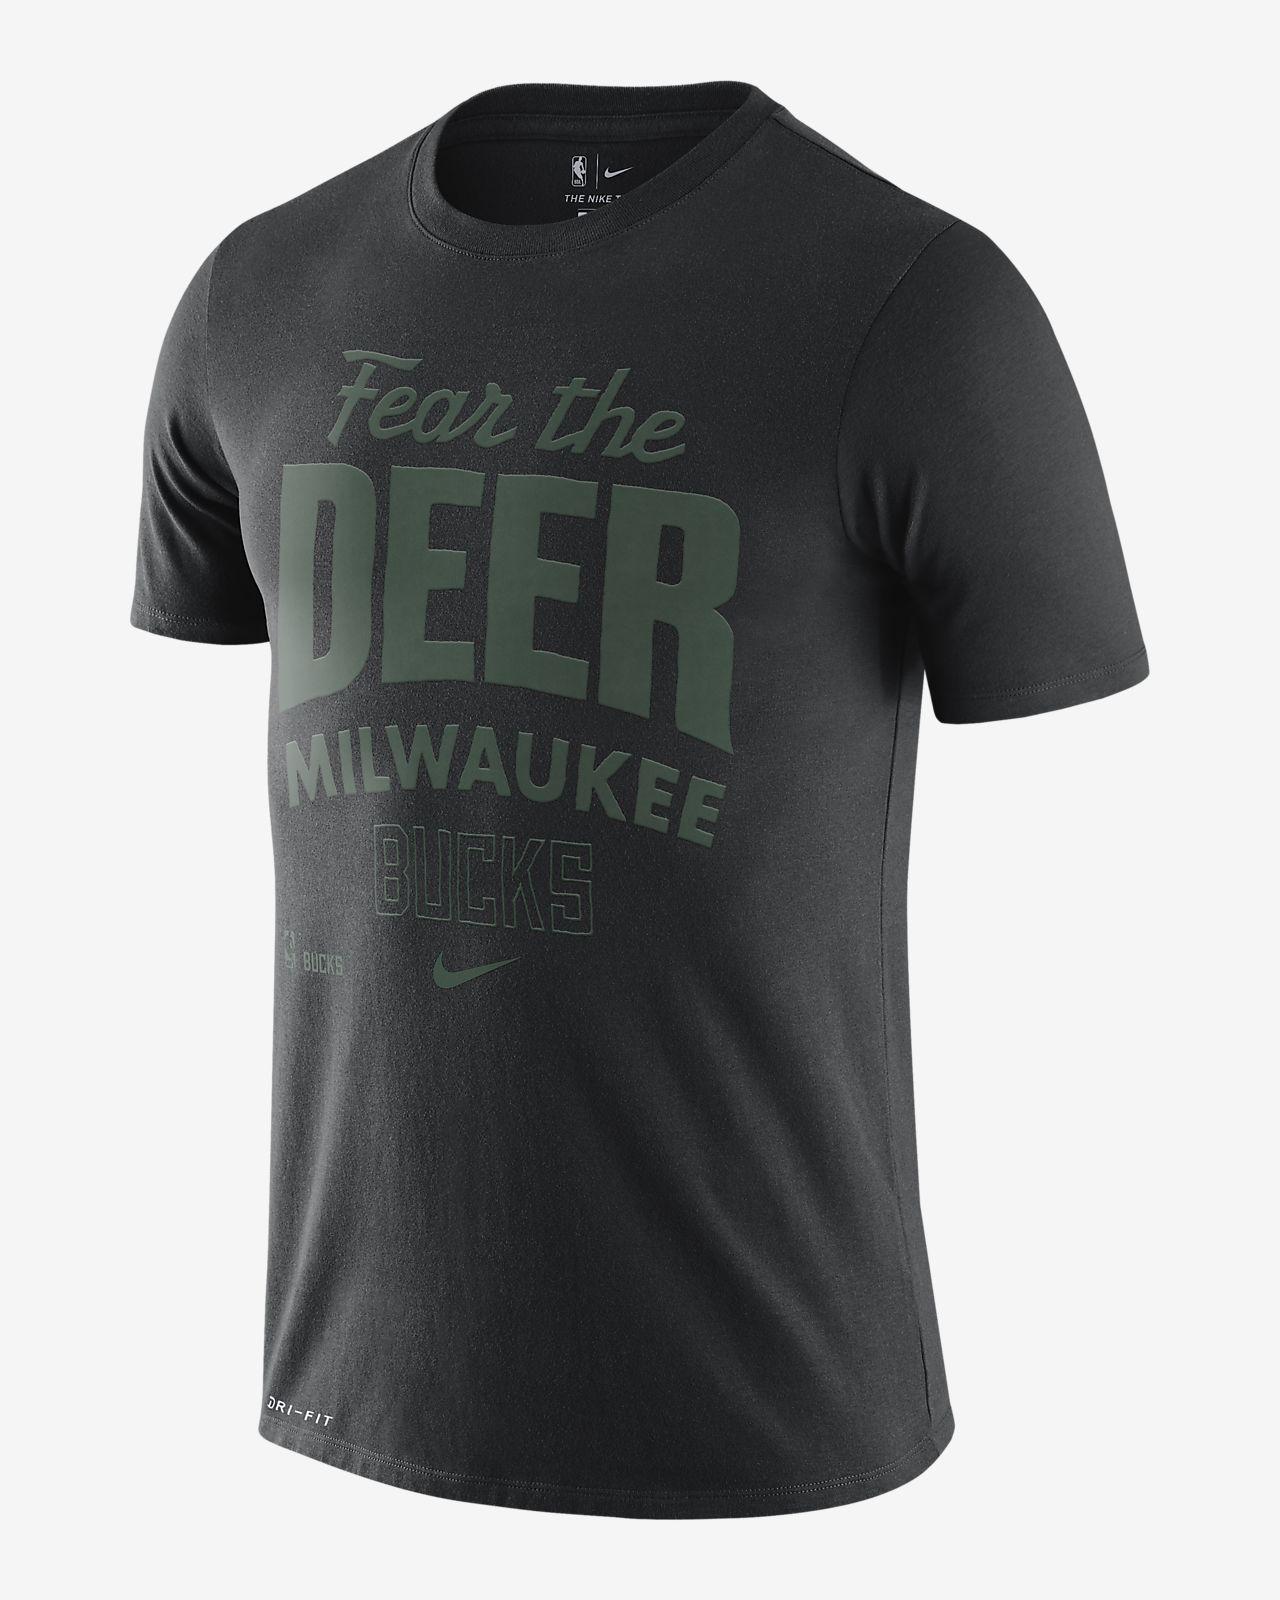 密尔沃基雄鹿队 (Mantra) Nike Dri-FIT NBA 男子T恤